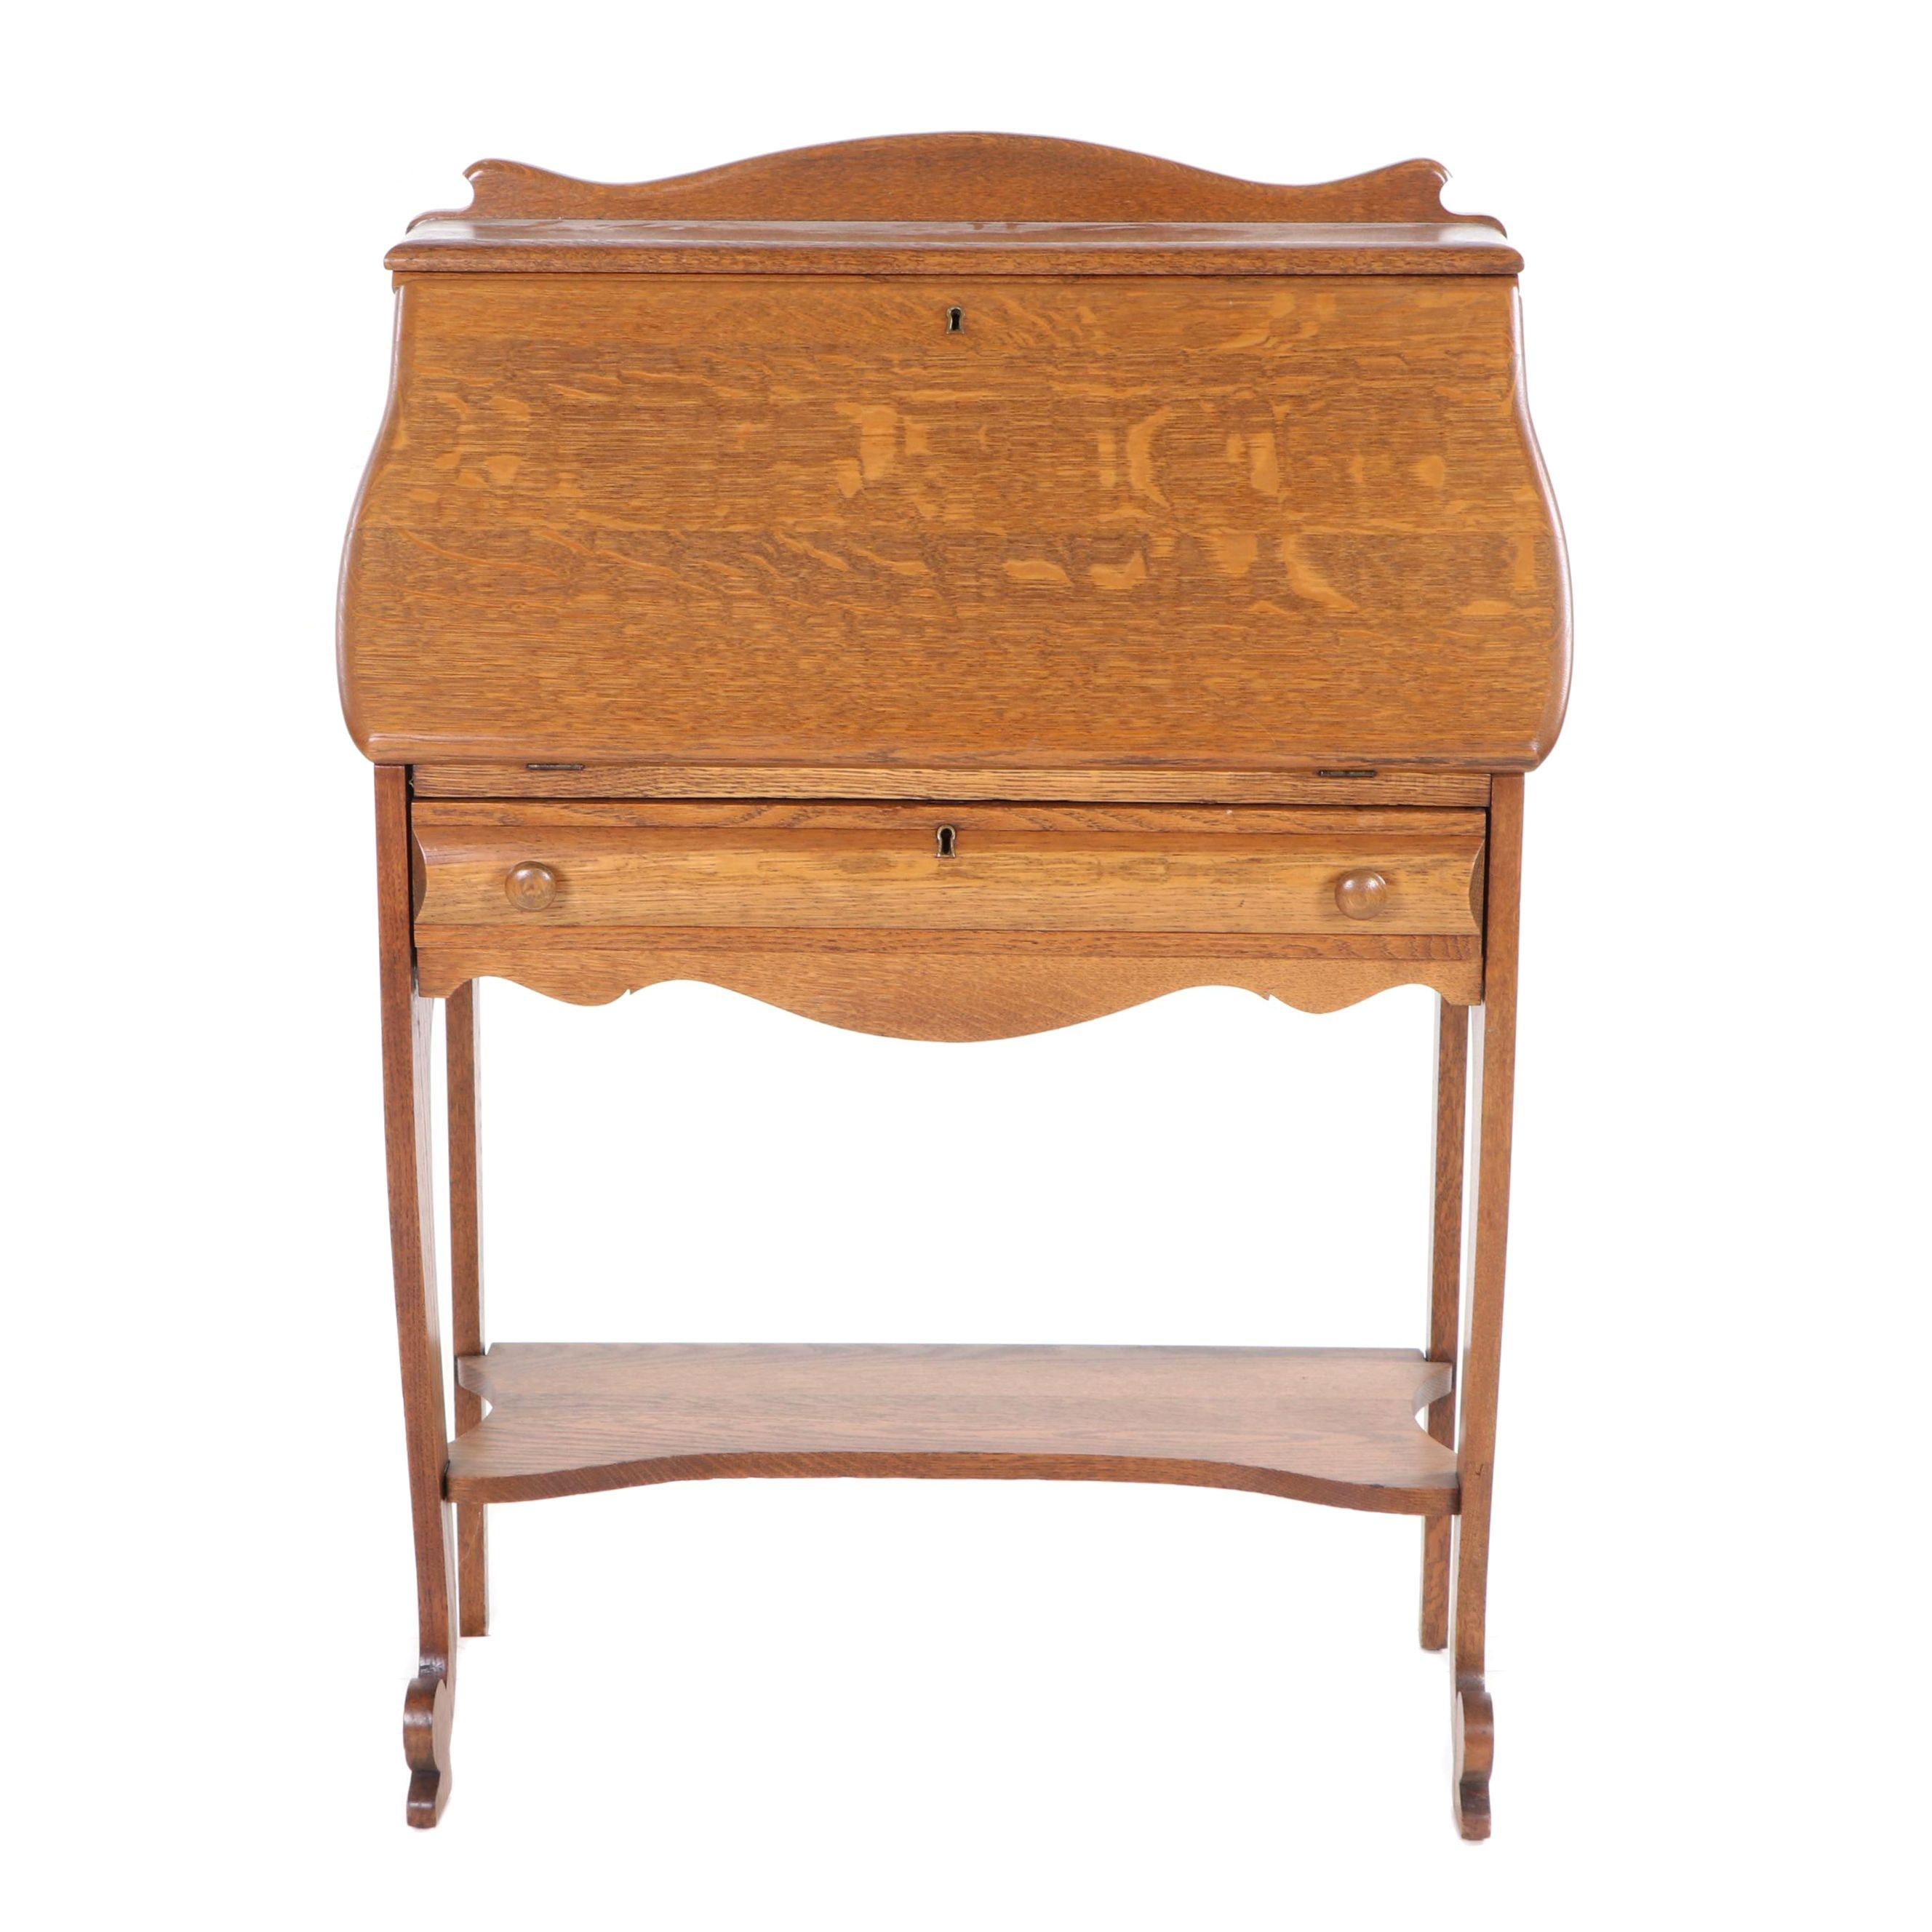 American Oak Slant-Front Desk, Early 20th Century